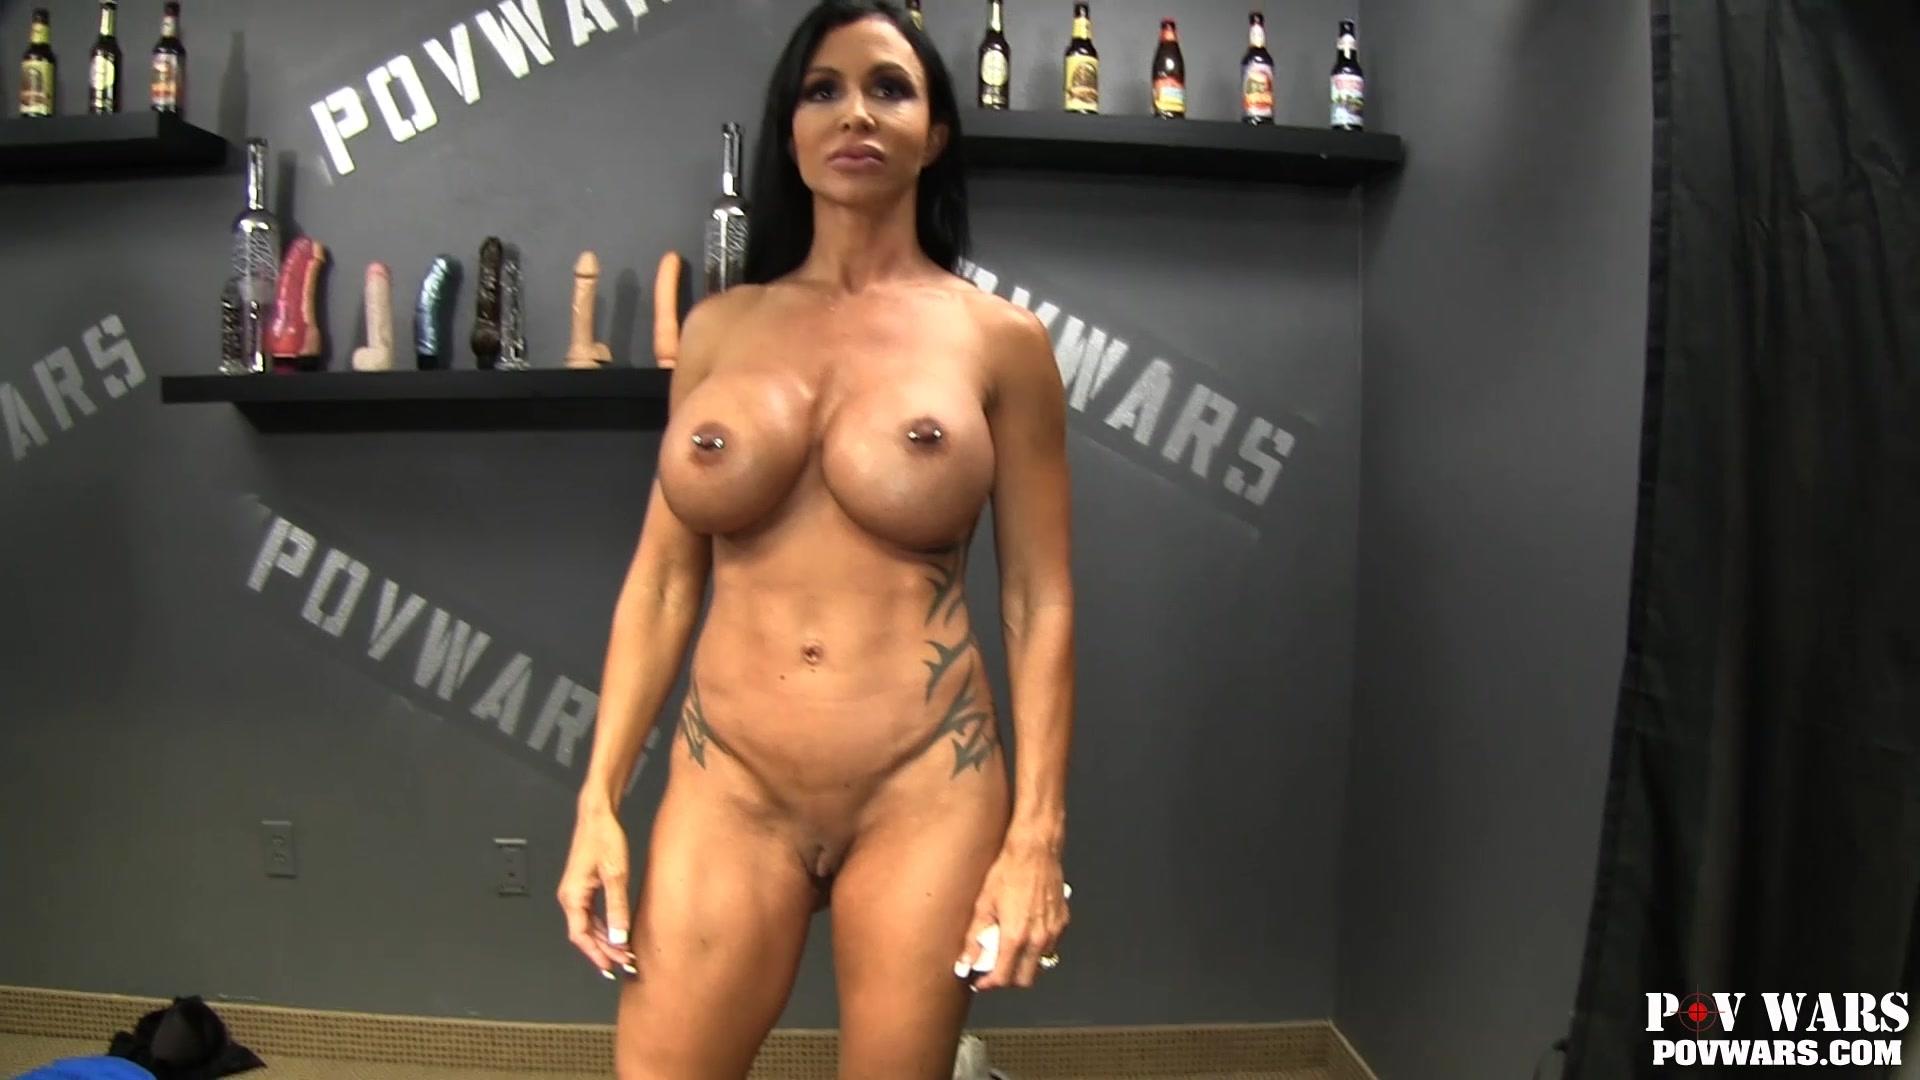 Adult porn pics site